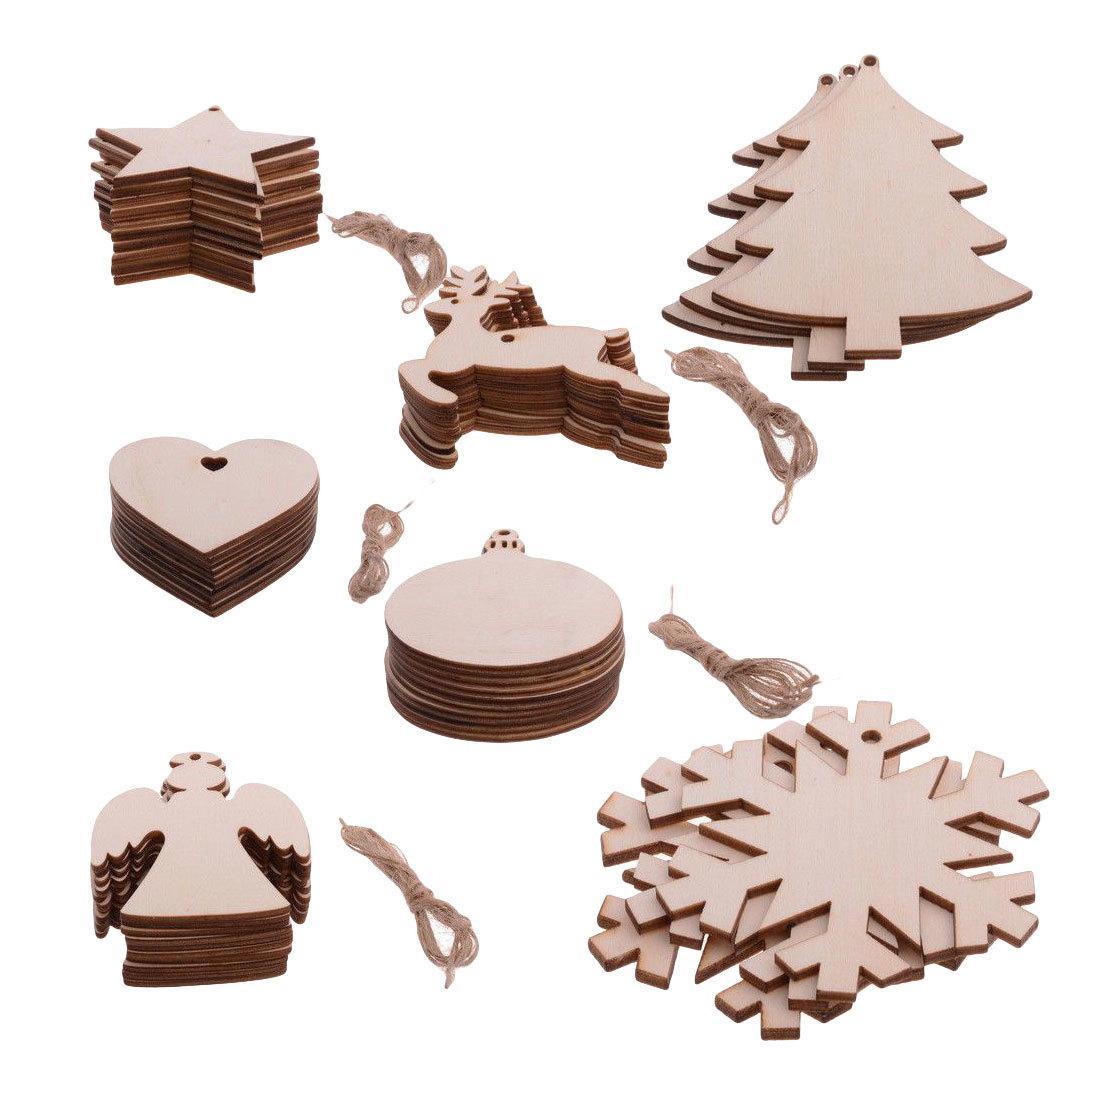 NOVA 10 Pcs Enfeites De Floco De Neve De Madeira Rústico Decorações De Natal Para Casa Xmas Tree Hanging Ornamento Navidad Decor Y18102909